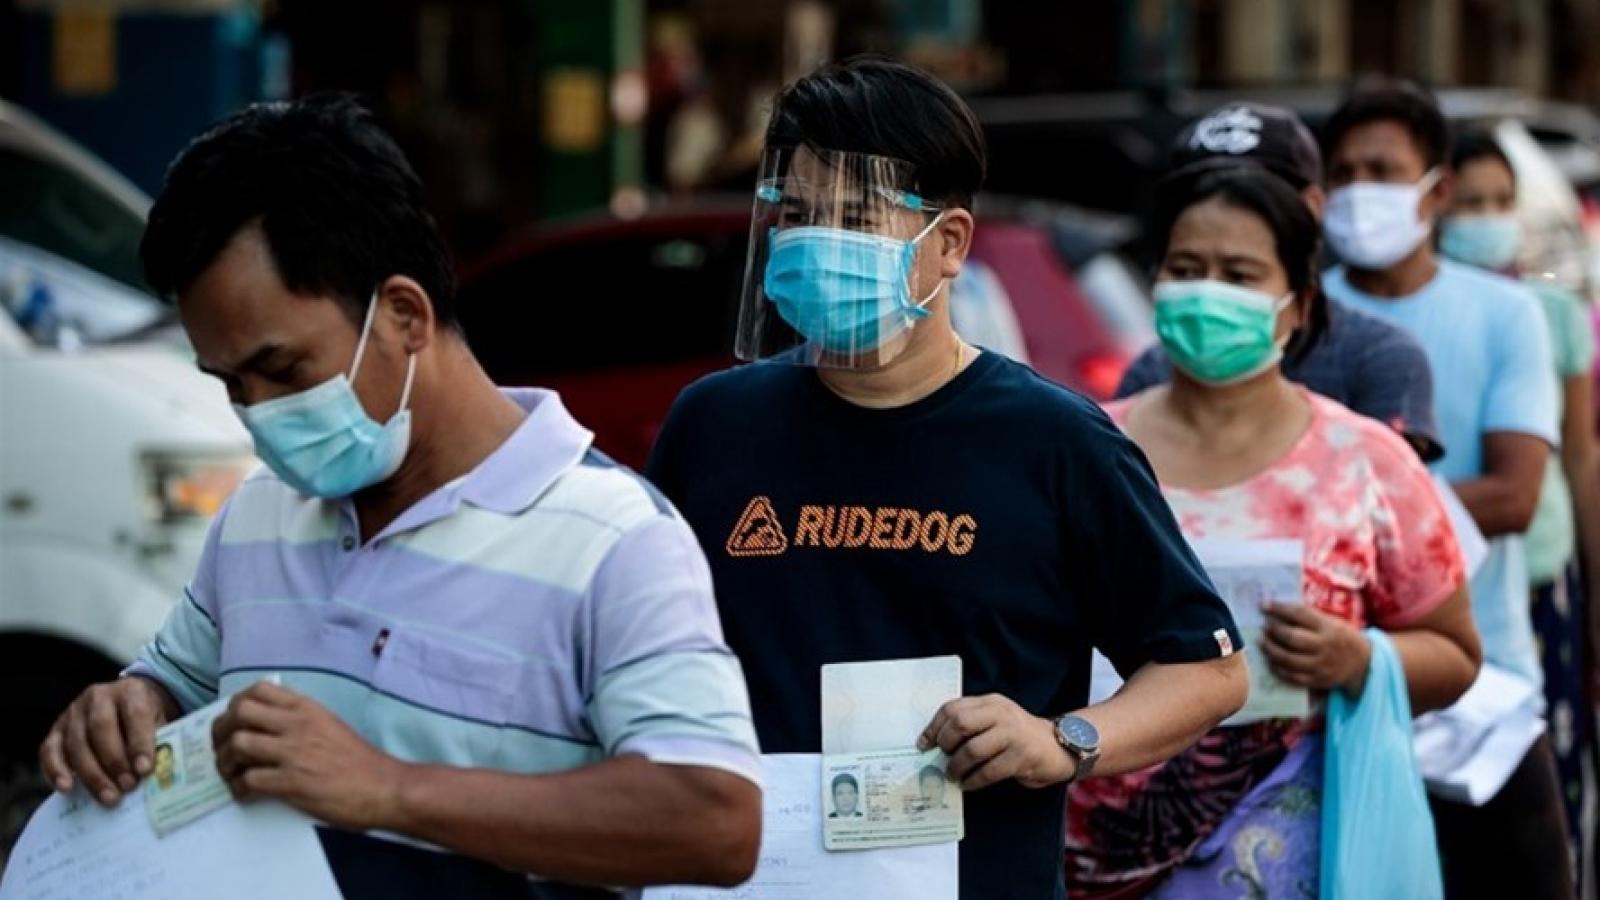 Thiếu hụt vaccine khiến cuộc khủng hoảng Covid-19 tại Thái Lan ngày càng trầm trọng